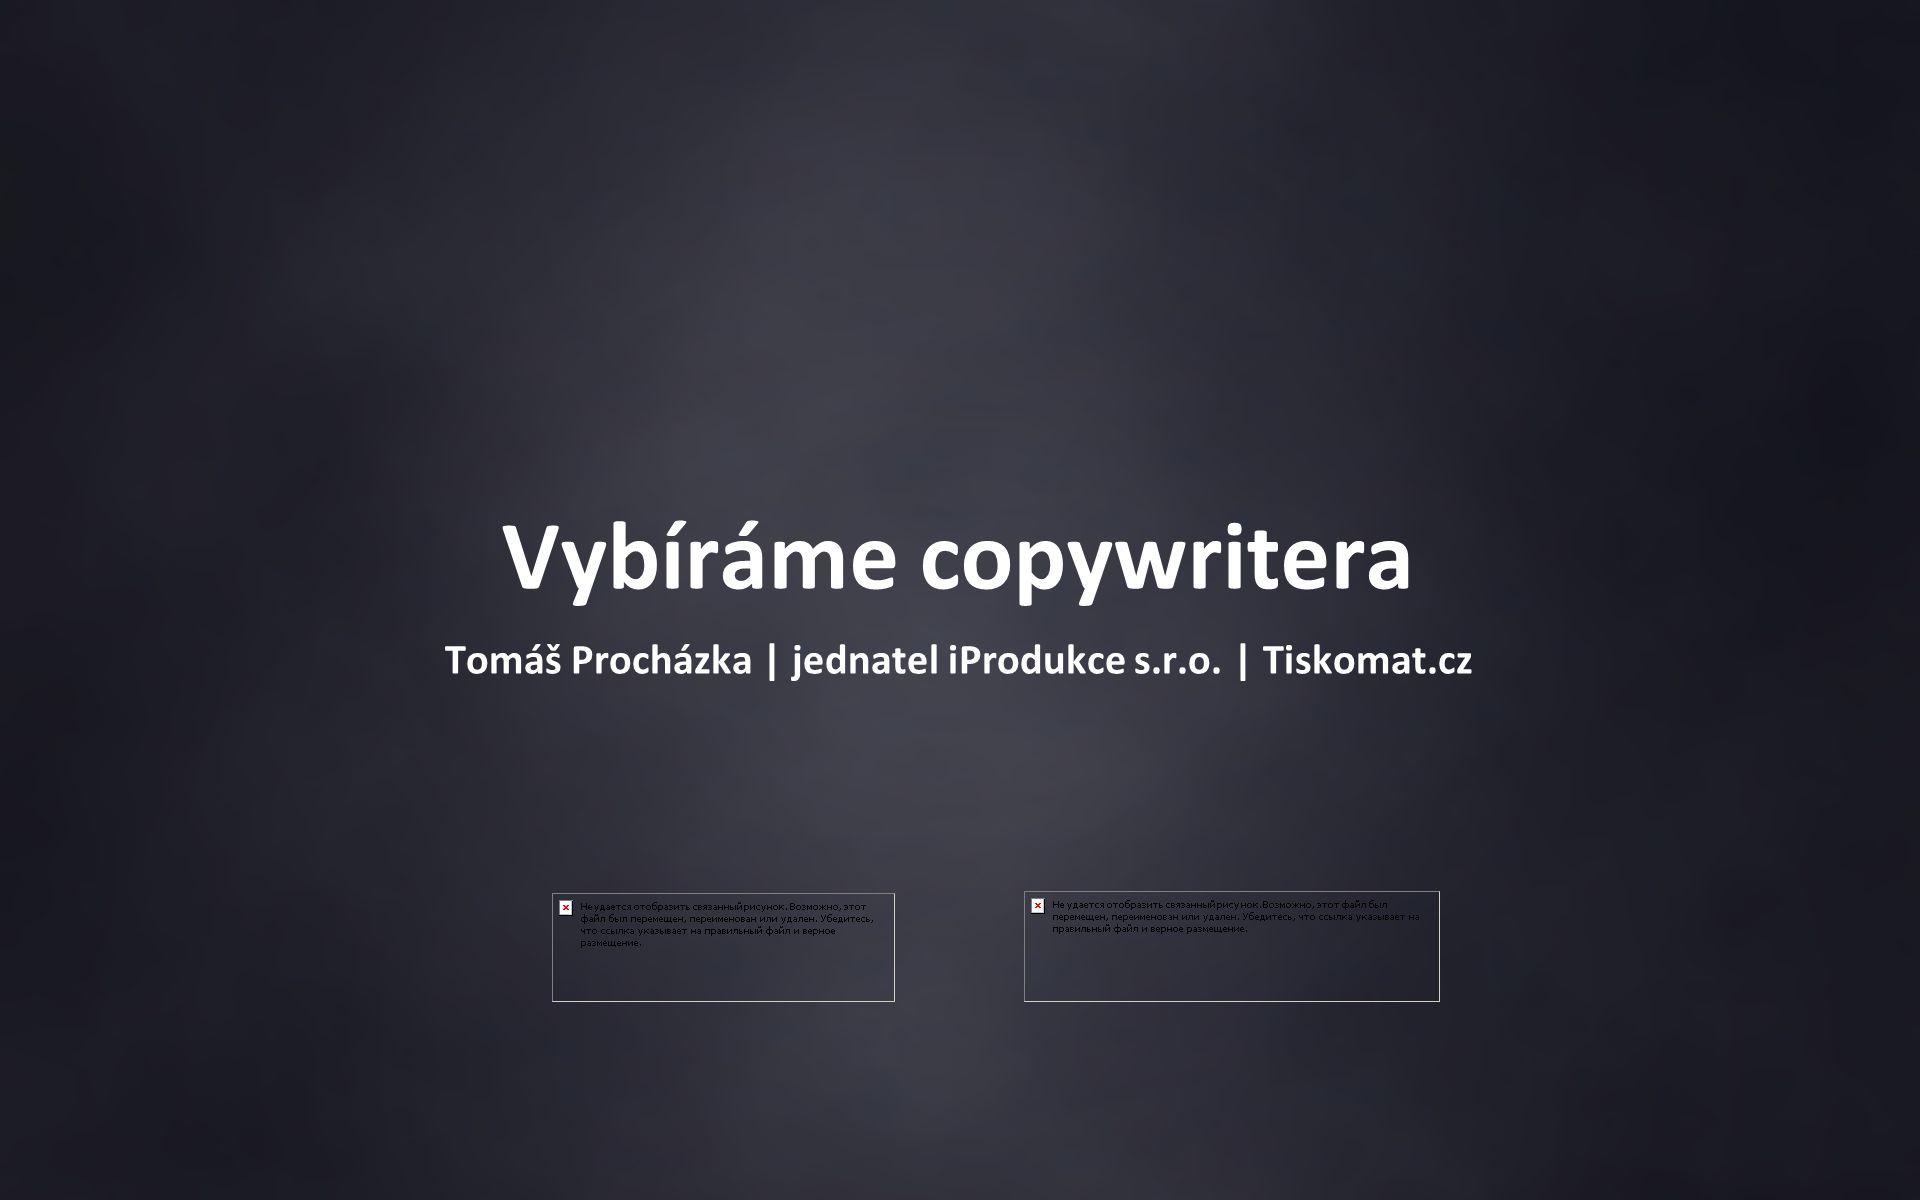 Tomáš Procházka | jednatel iProdukce s.r.o. | Tiskomat.cz Vybíráme copywritera